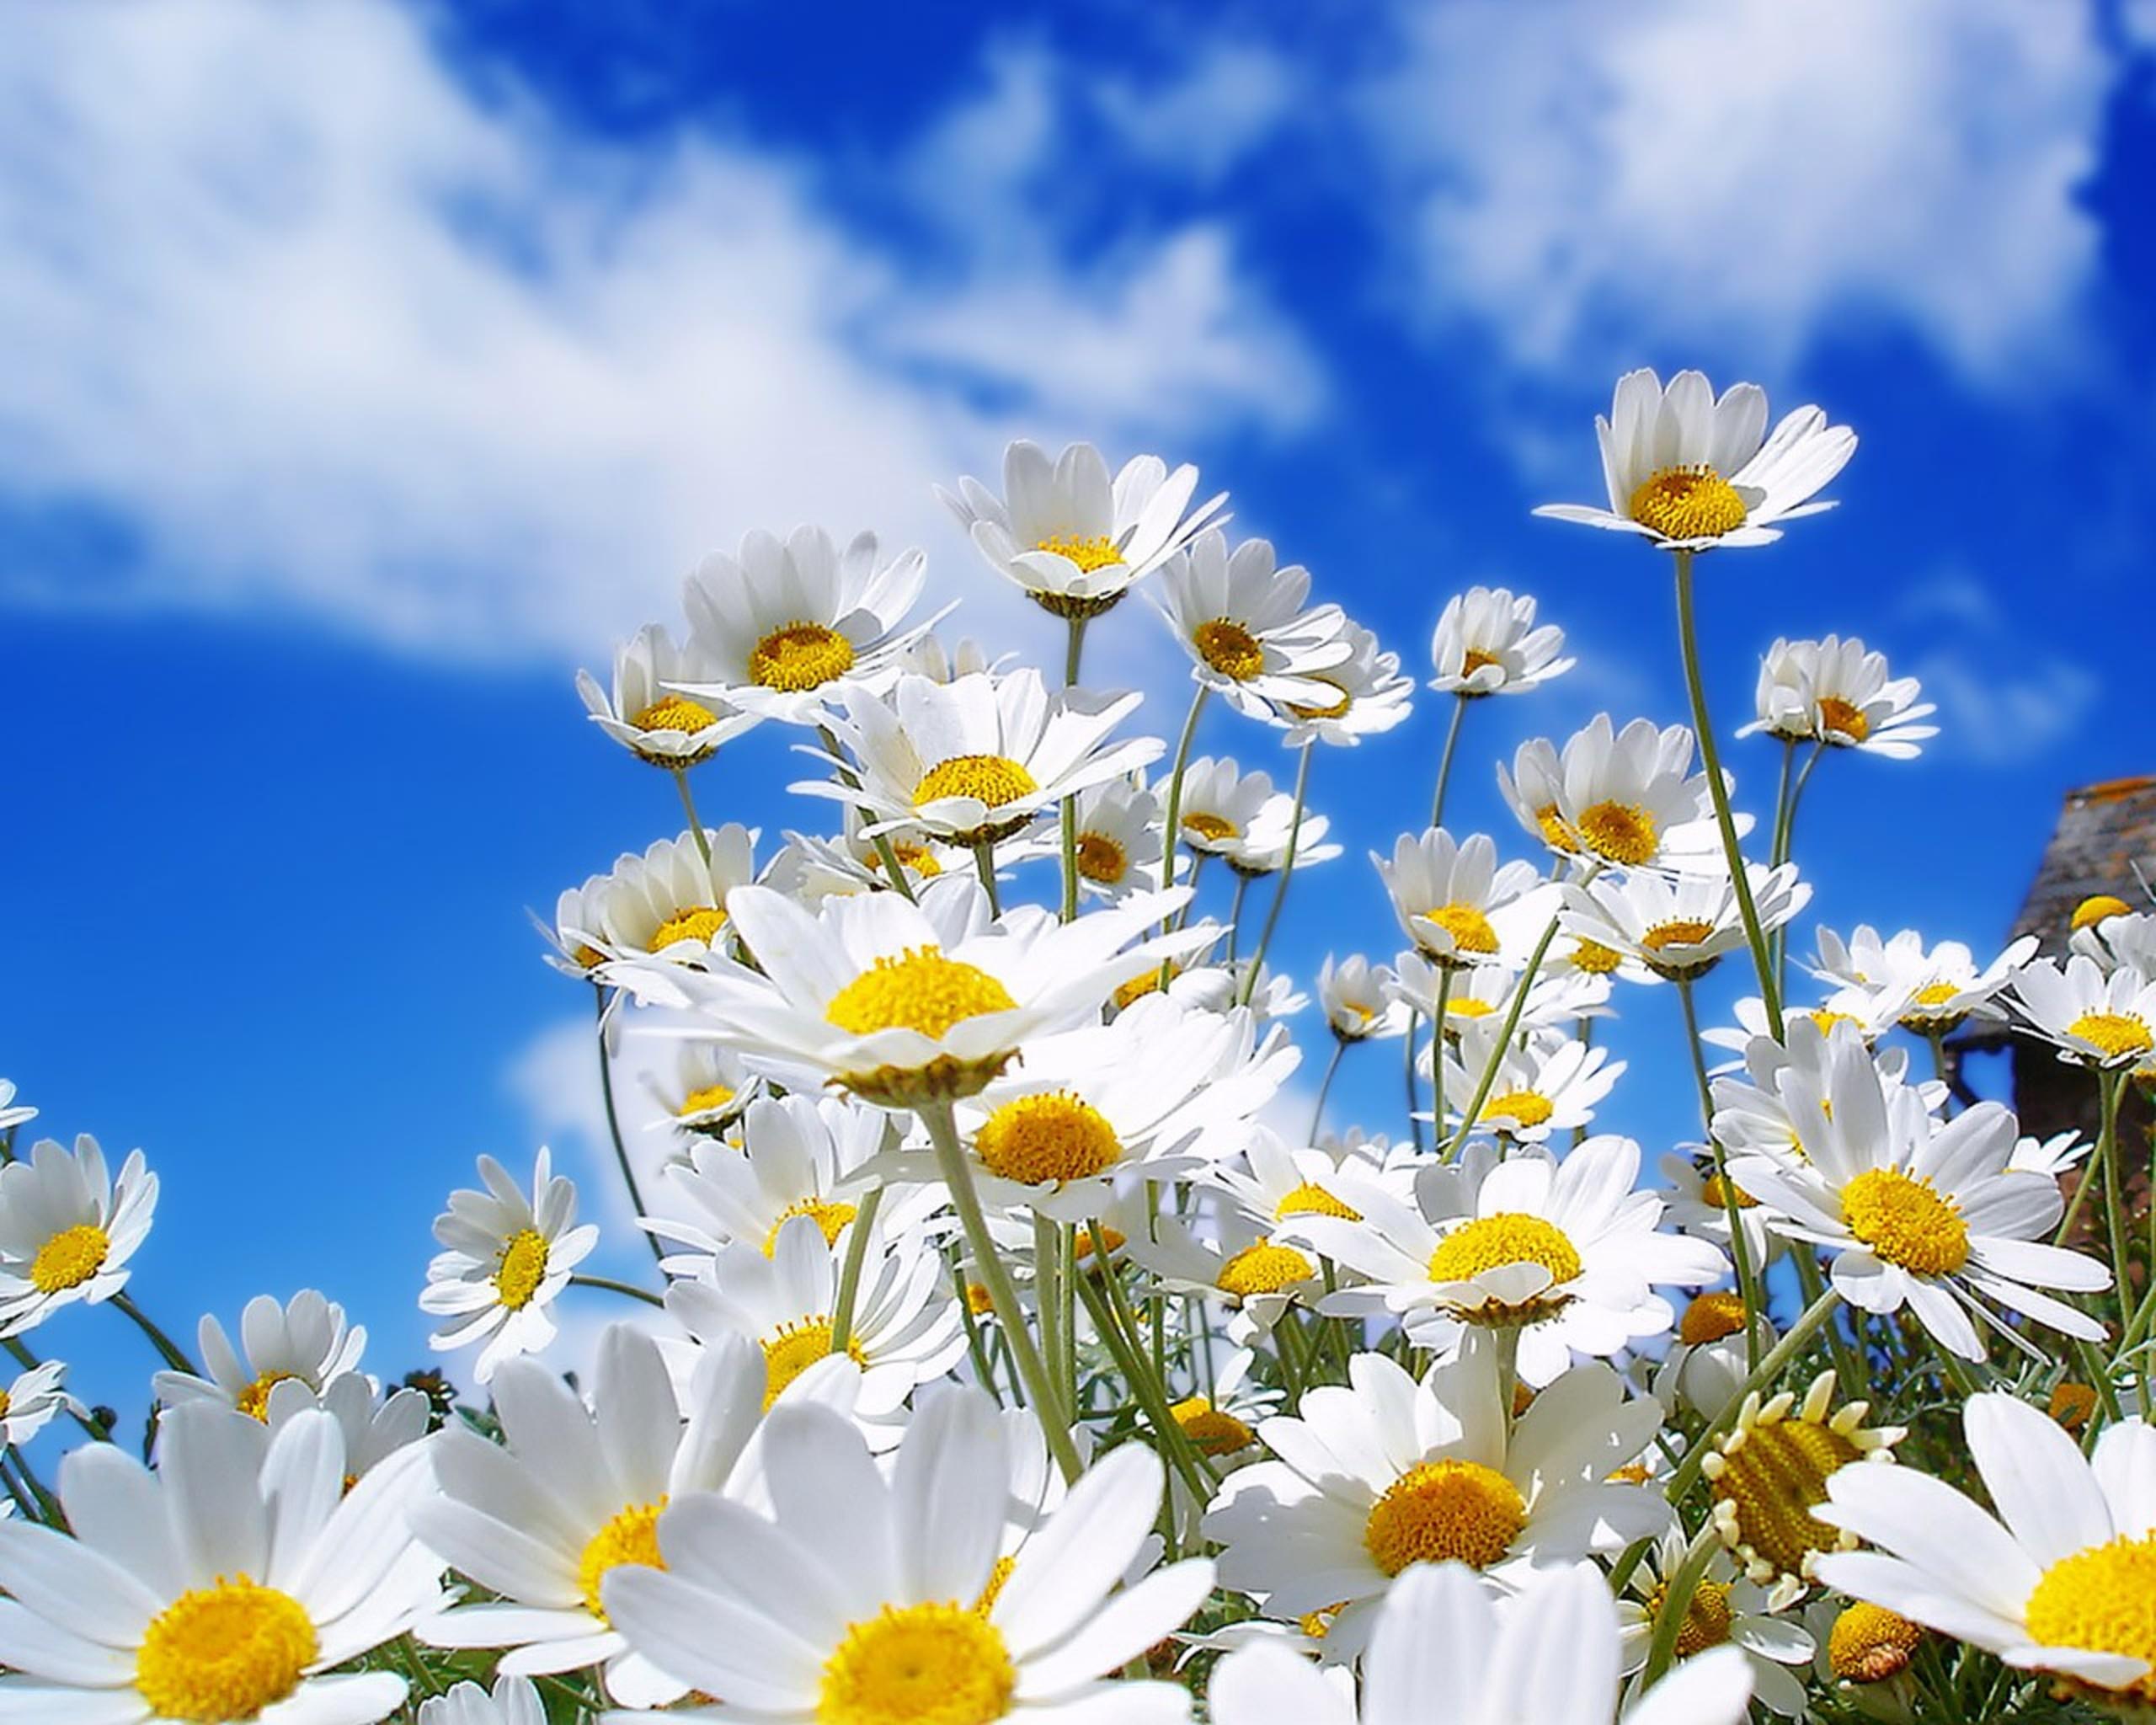 Hình ảnh trời nắng hoa trắng cực đẹp